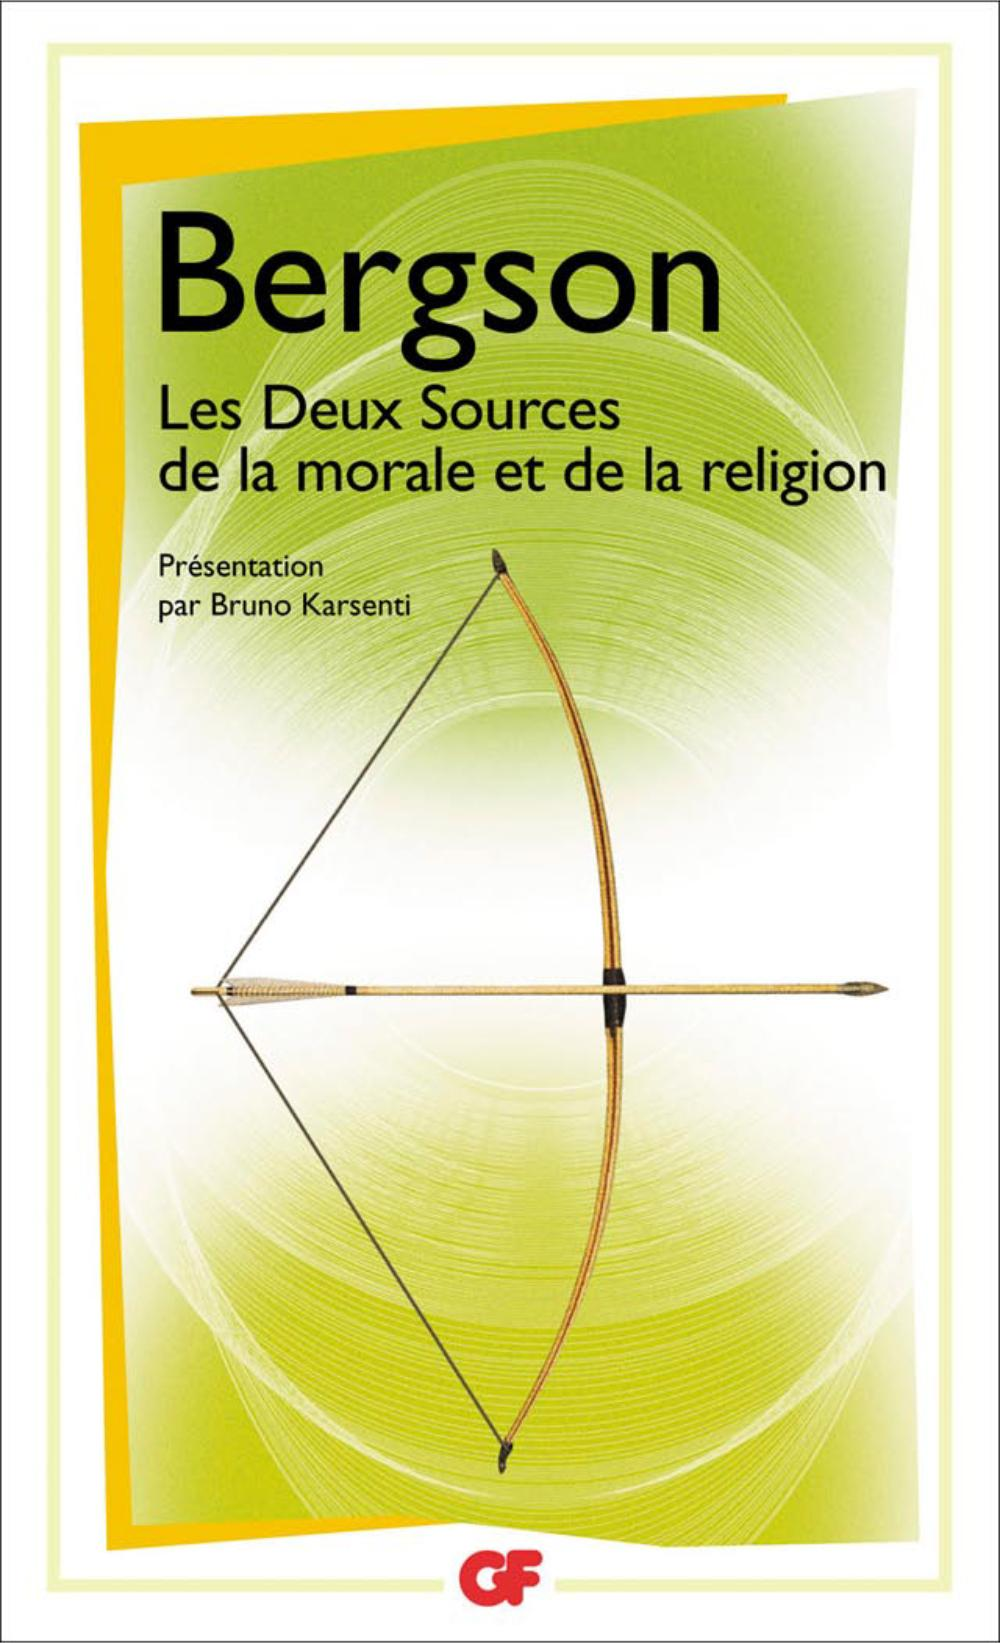 Les Deux Sources de la morale et de la religion